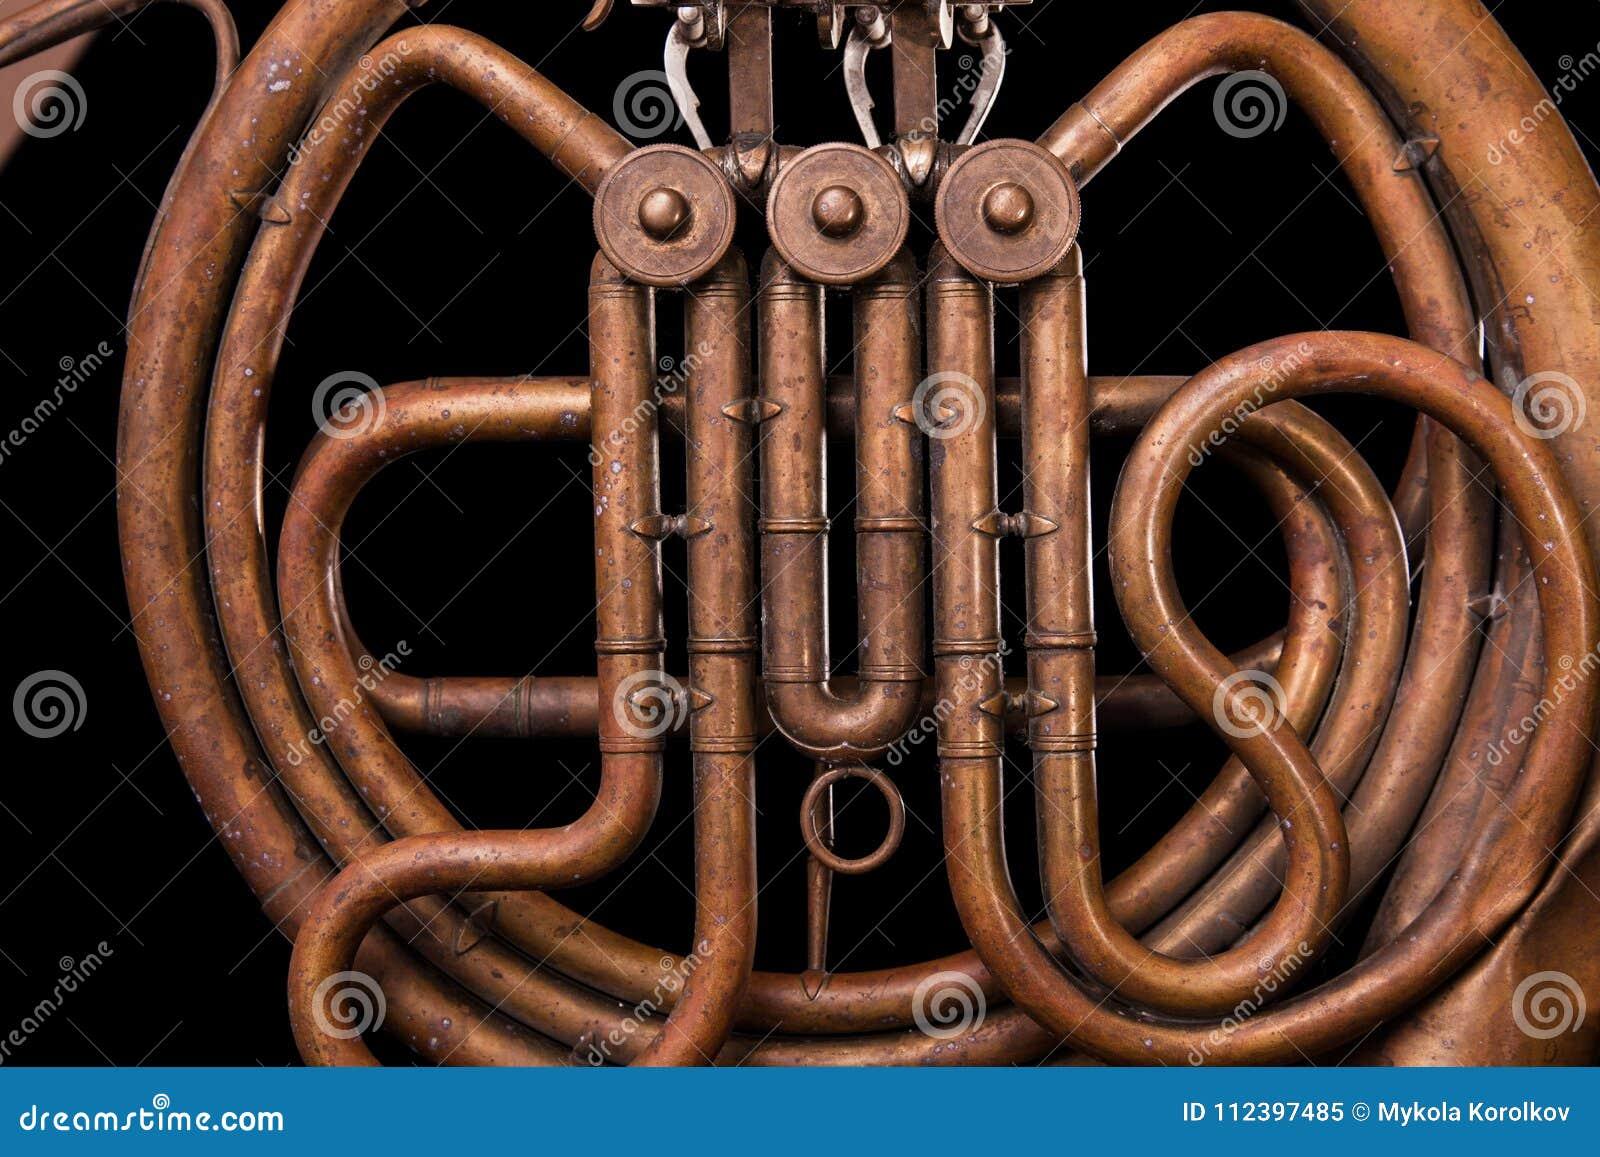 Винтажные бронзовые трубы, клапан, рожок ключевых механически элементов французский, черная предпосылка Хорошая картина, проворна